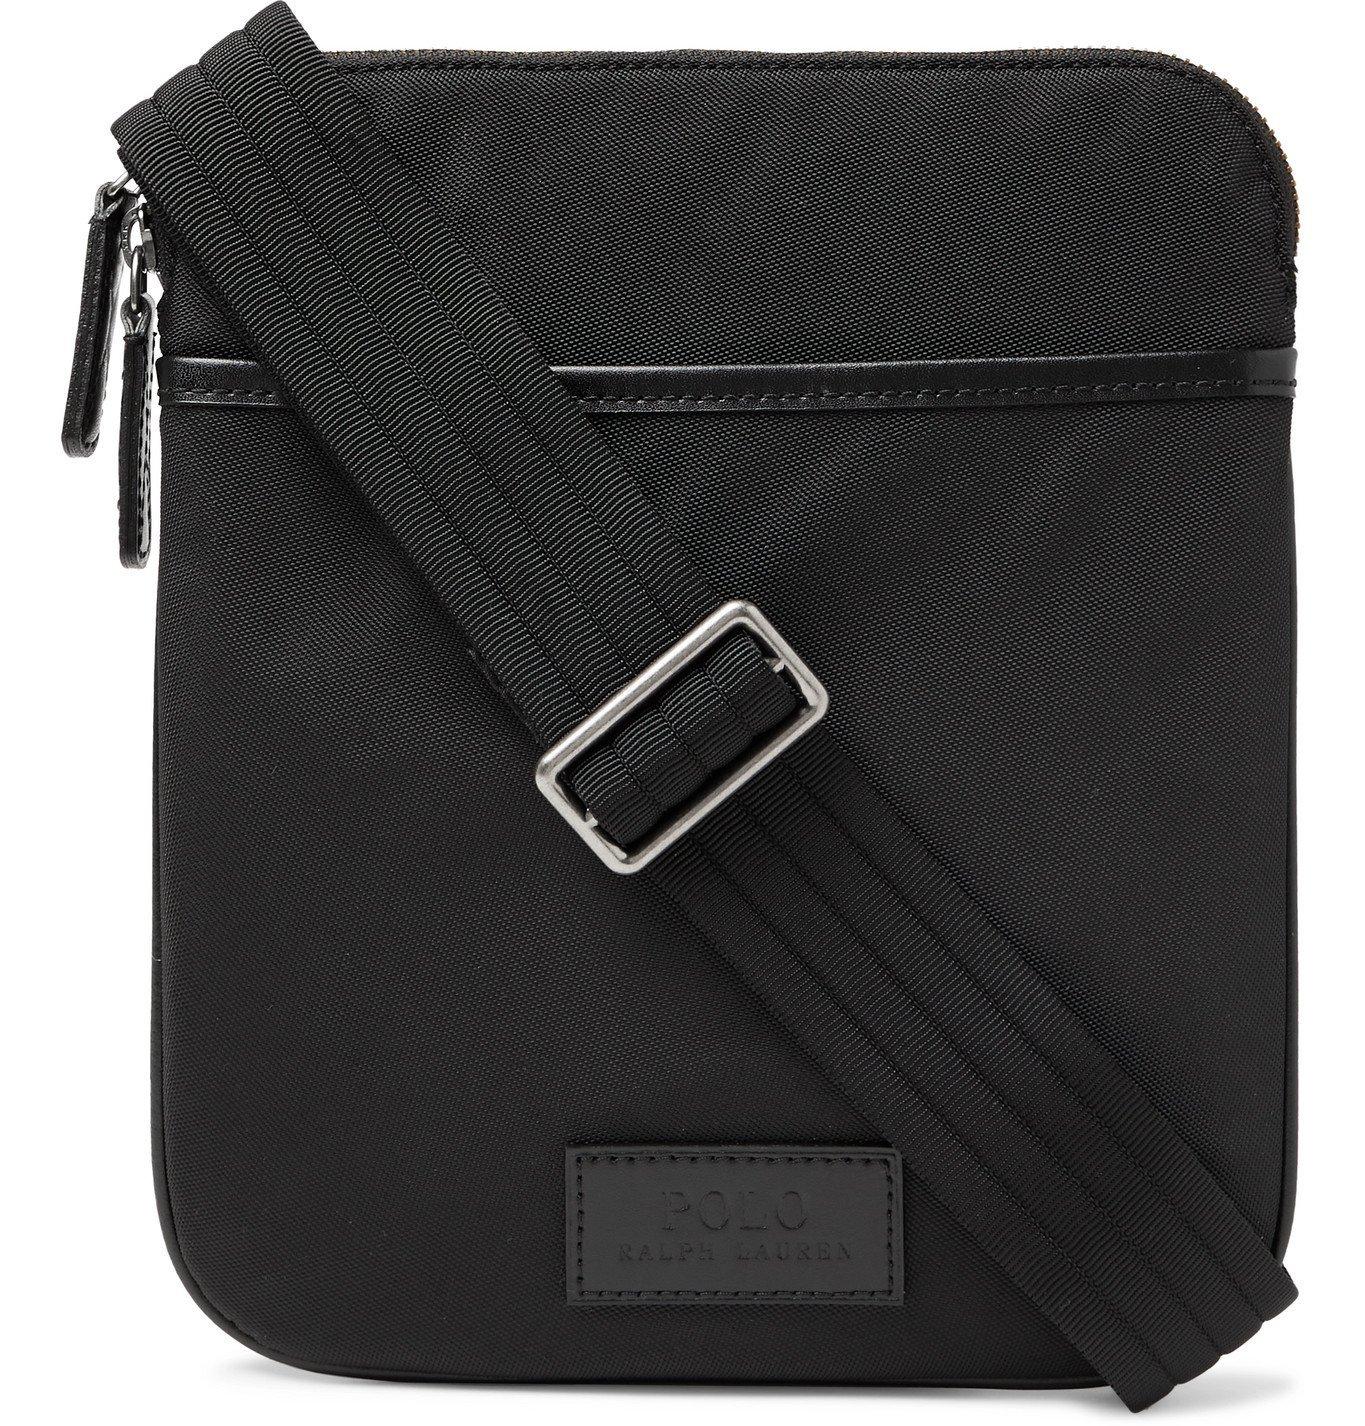 Photo: POLO RALPH LAUREN - Leather-Trimmed Nylon Messenger Bag - Black